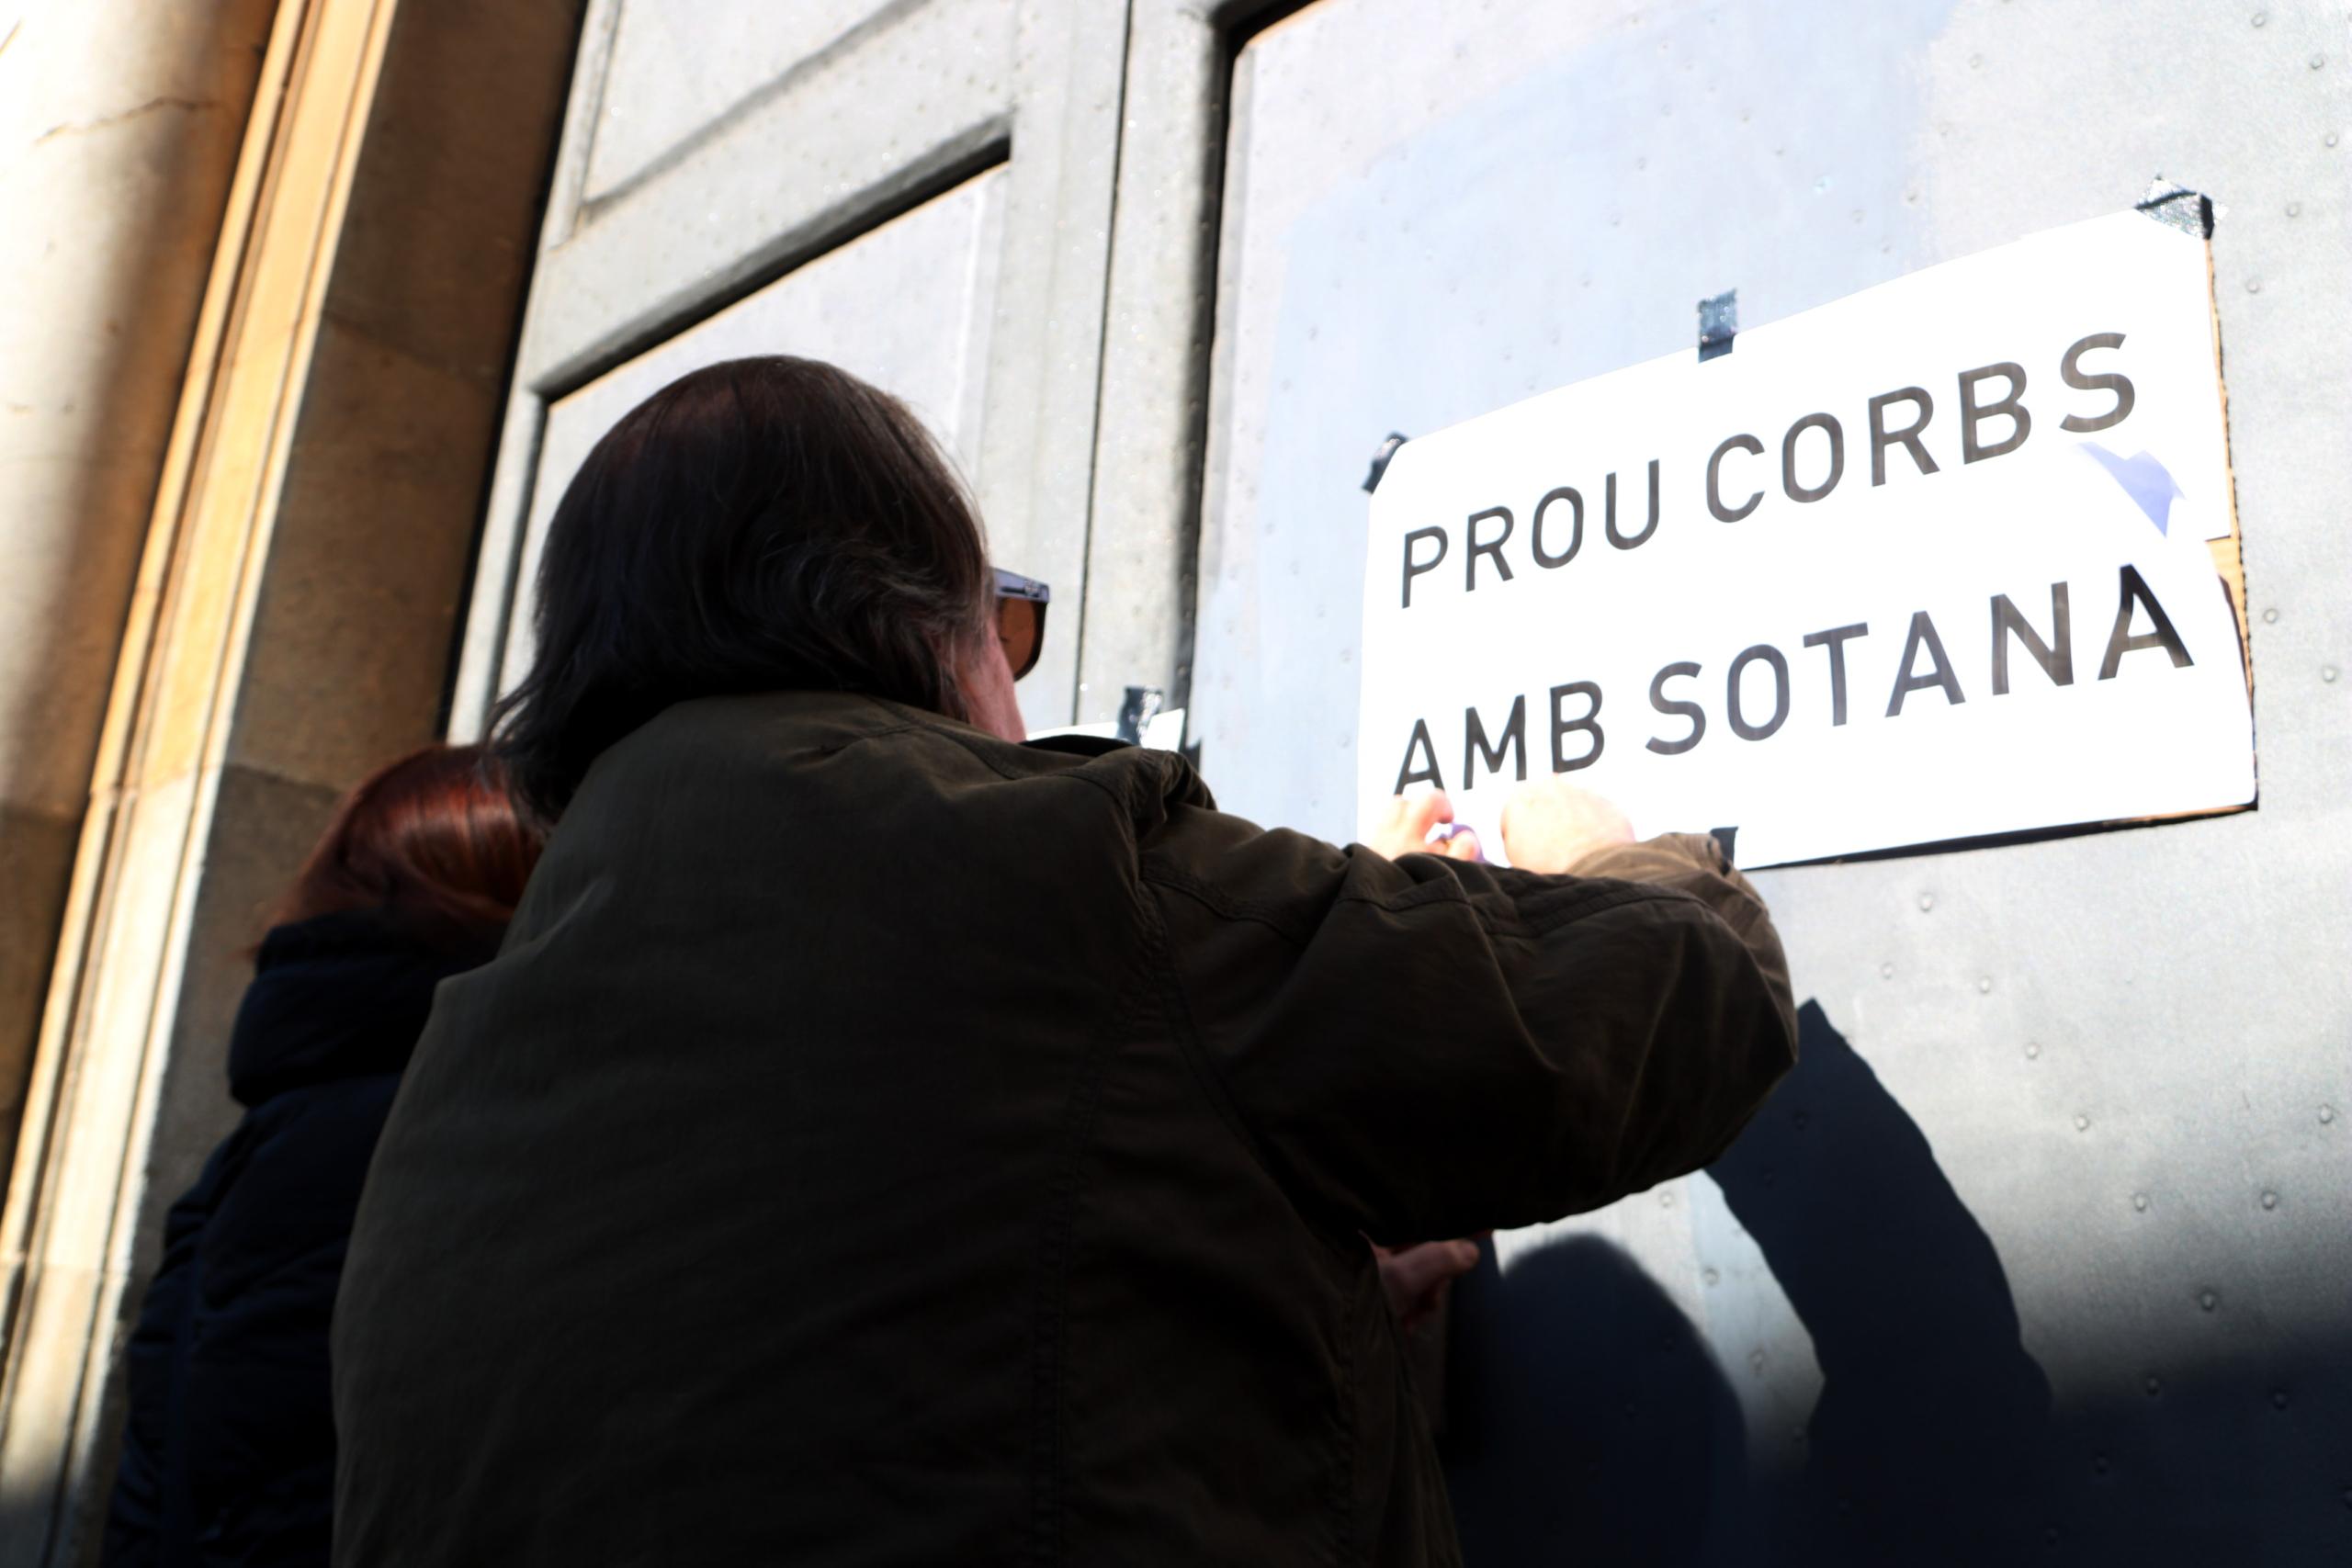 Un home enganxa cartells a les portes de l'Arquebisbat de Tarragona en la protesta per denunciar els abusos sexuals a menors (ACN)